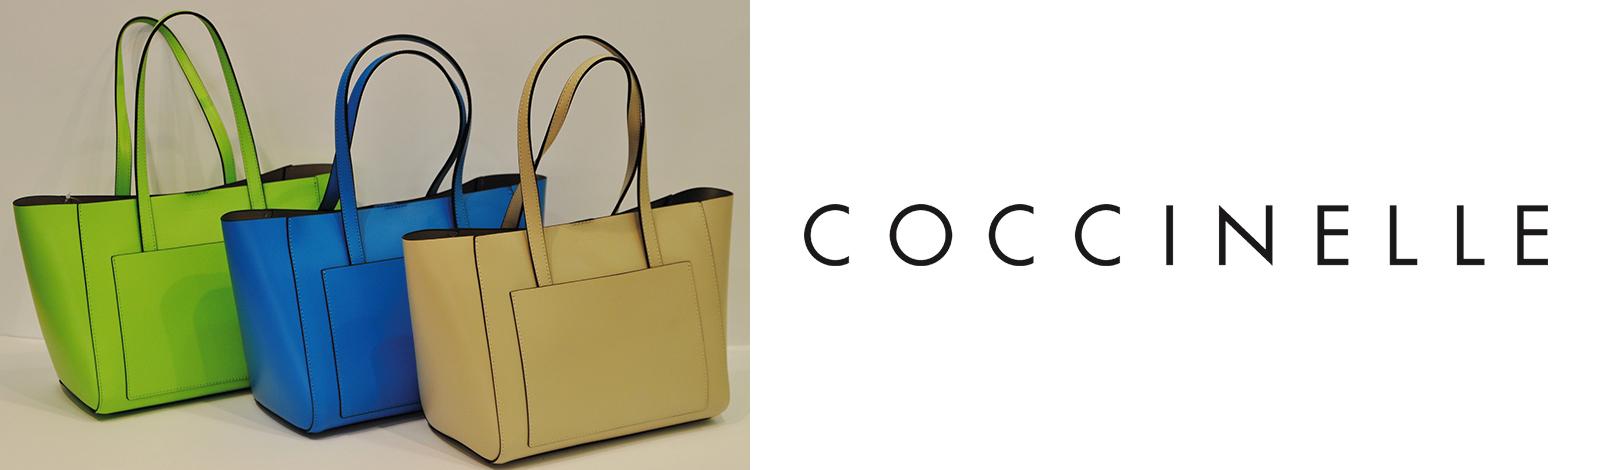 Taschen Coccinelle